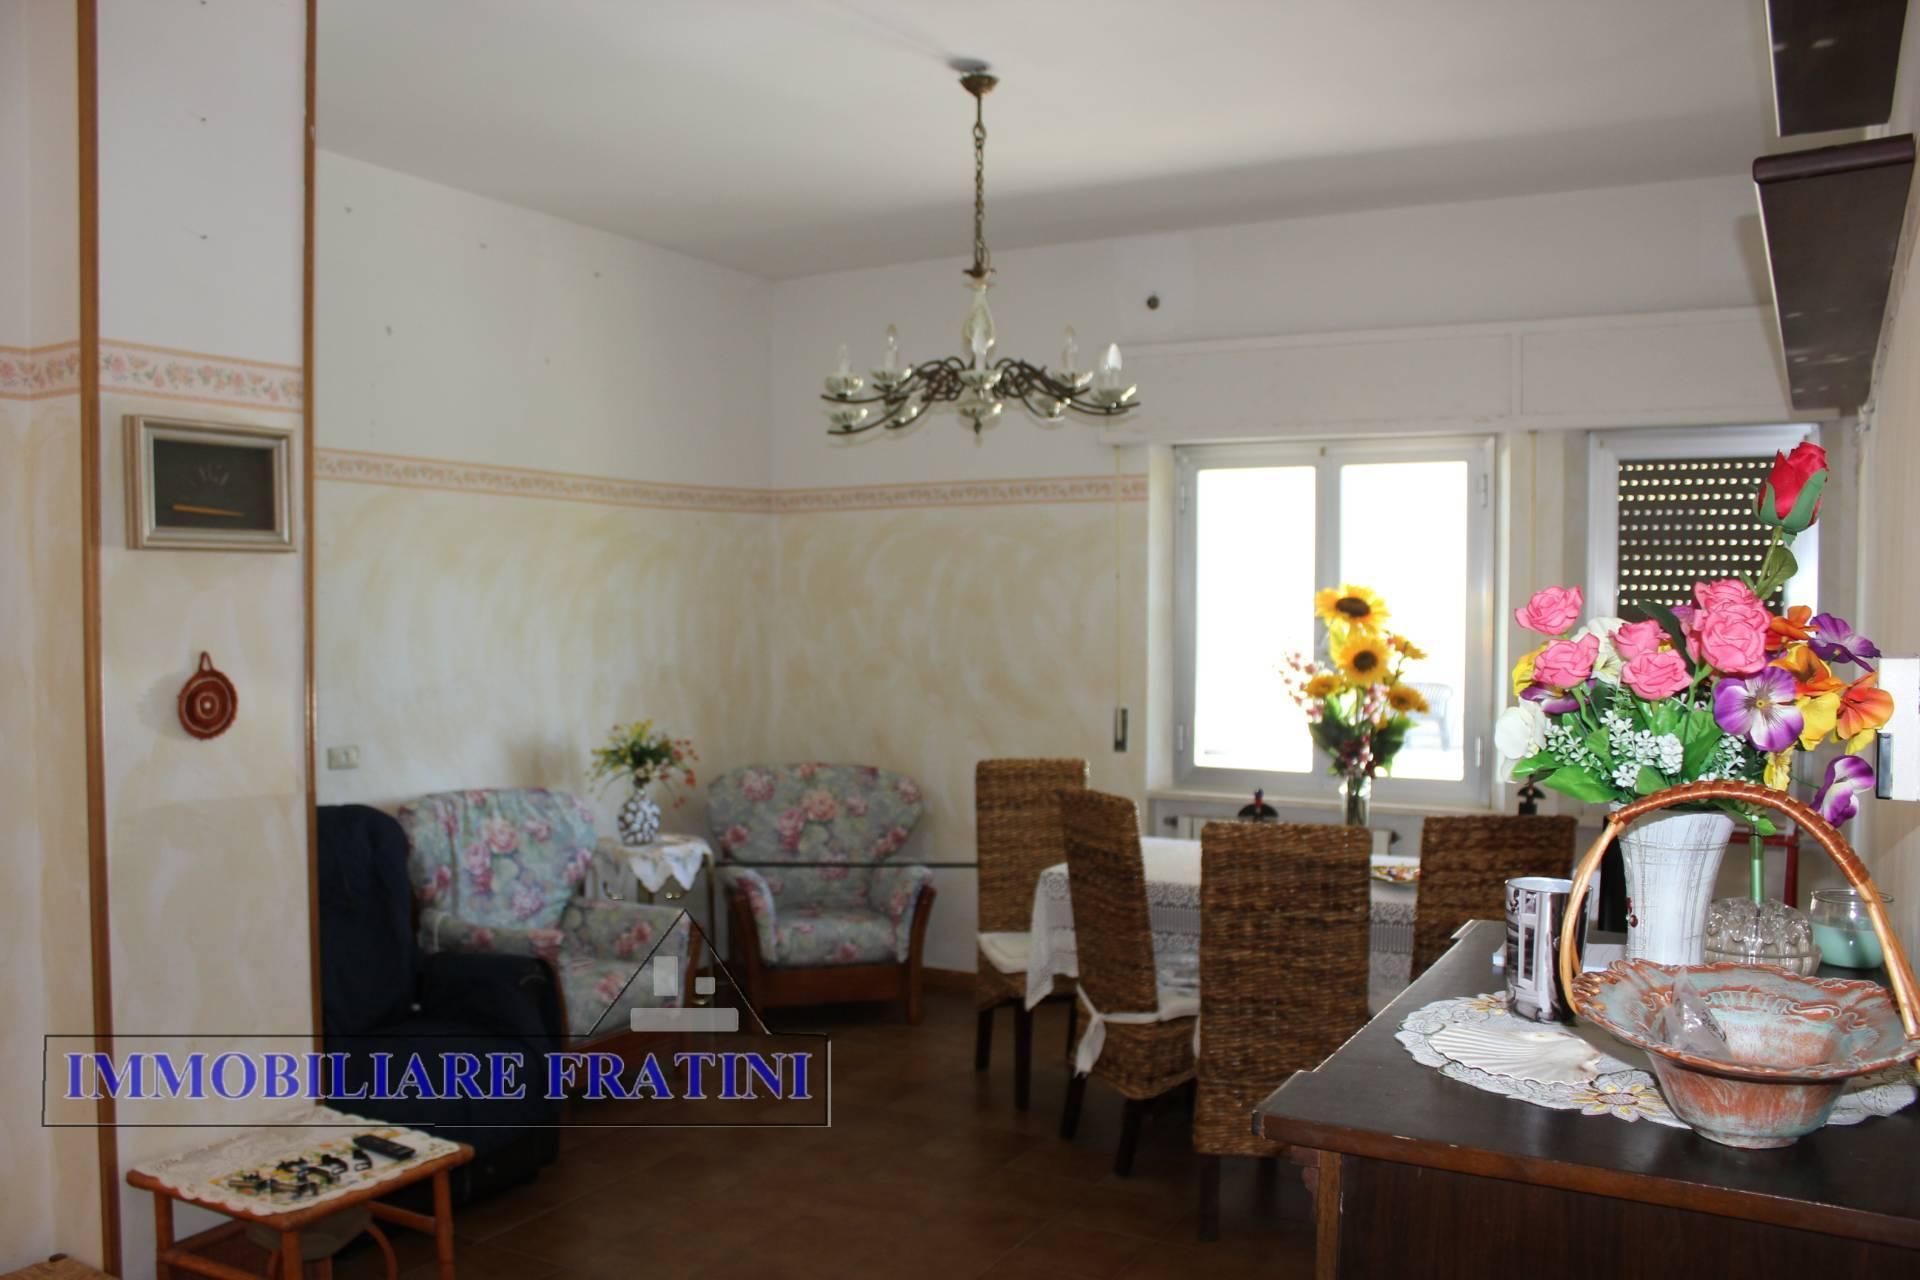 Appartamento in vendita Stella di Monsampolo Appignano del Tronto